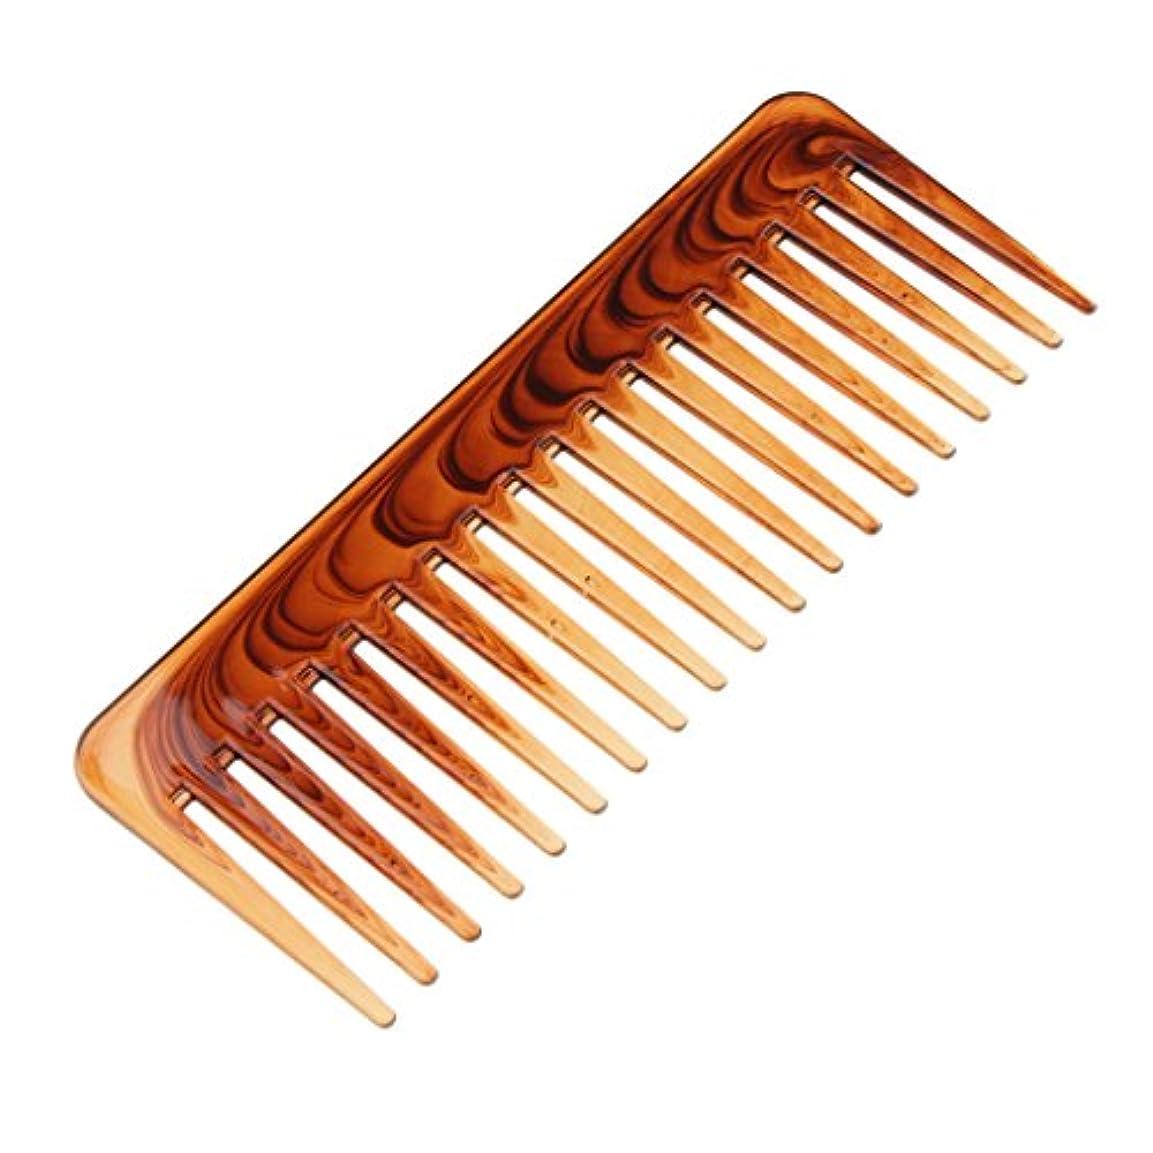 主導権費用カート絡み合った髪の櫛ヘアコンディショニングレーキの櫛幅のあるヘアブラシのツール